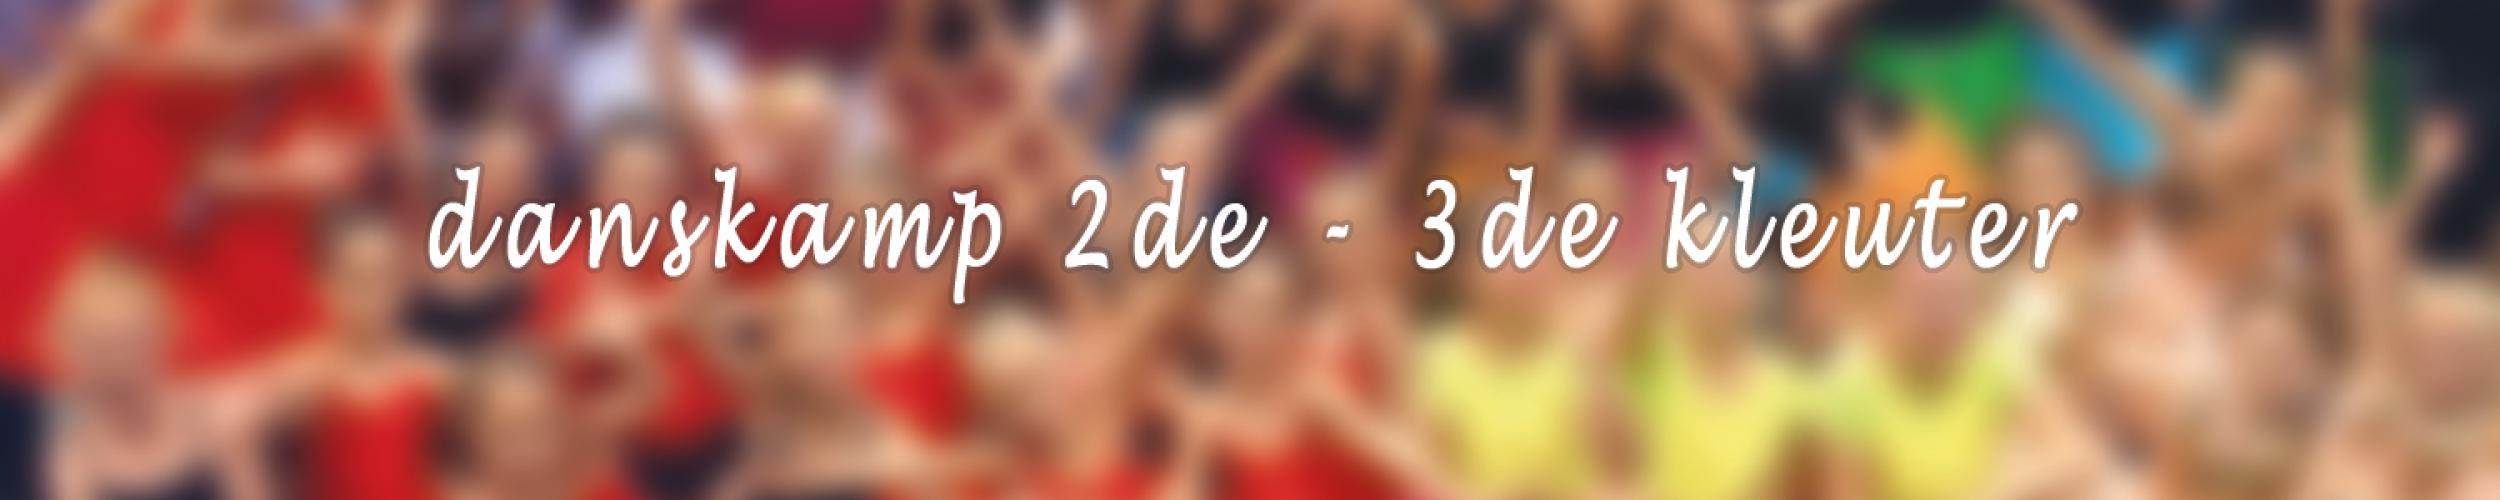 Danskamp 1 - 1 tot 5 juli voor 2de en 3de kleuter_Izegemse Dansacademie